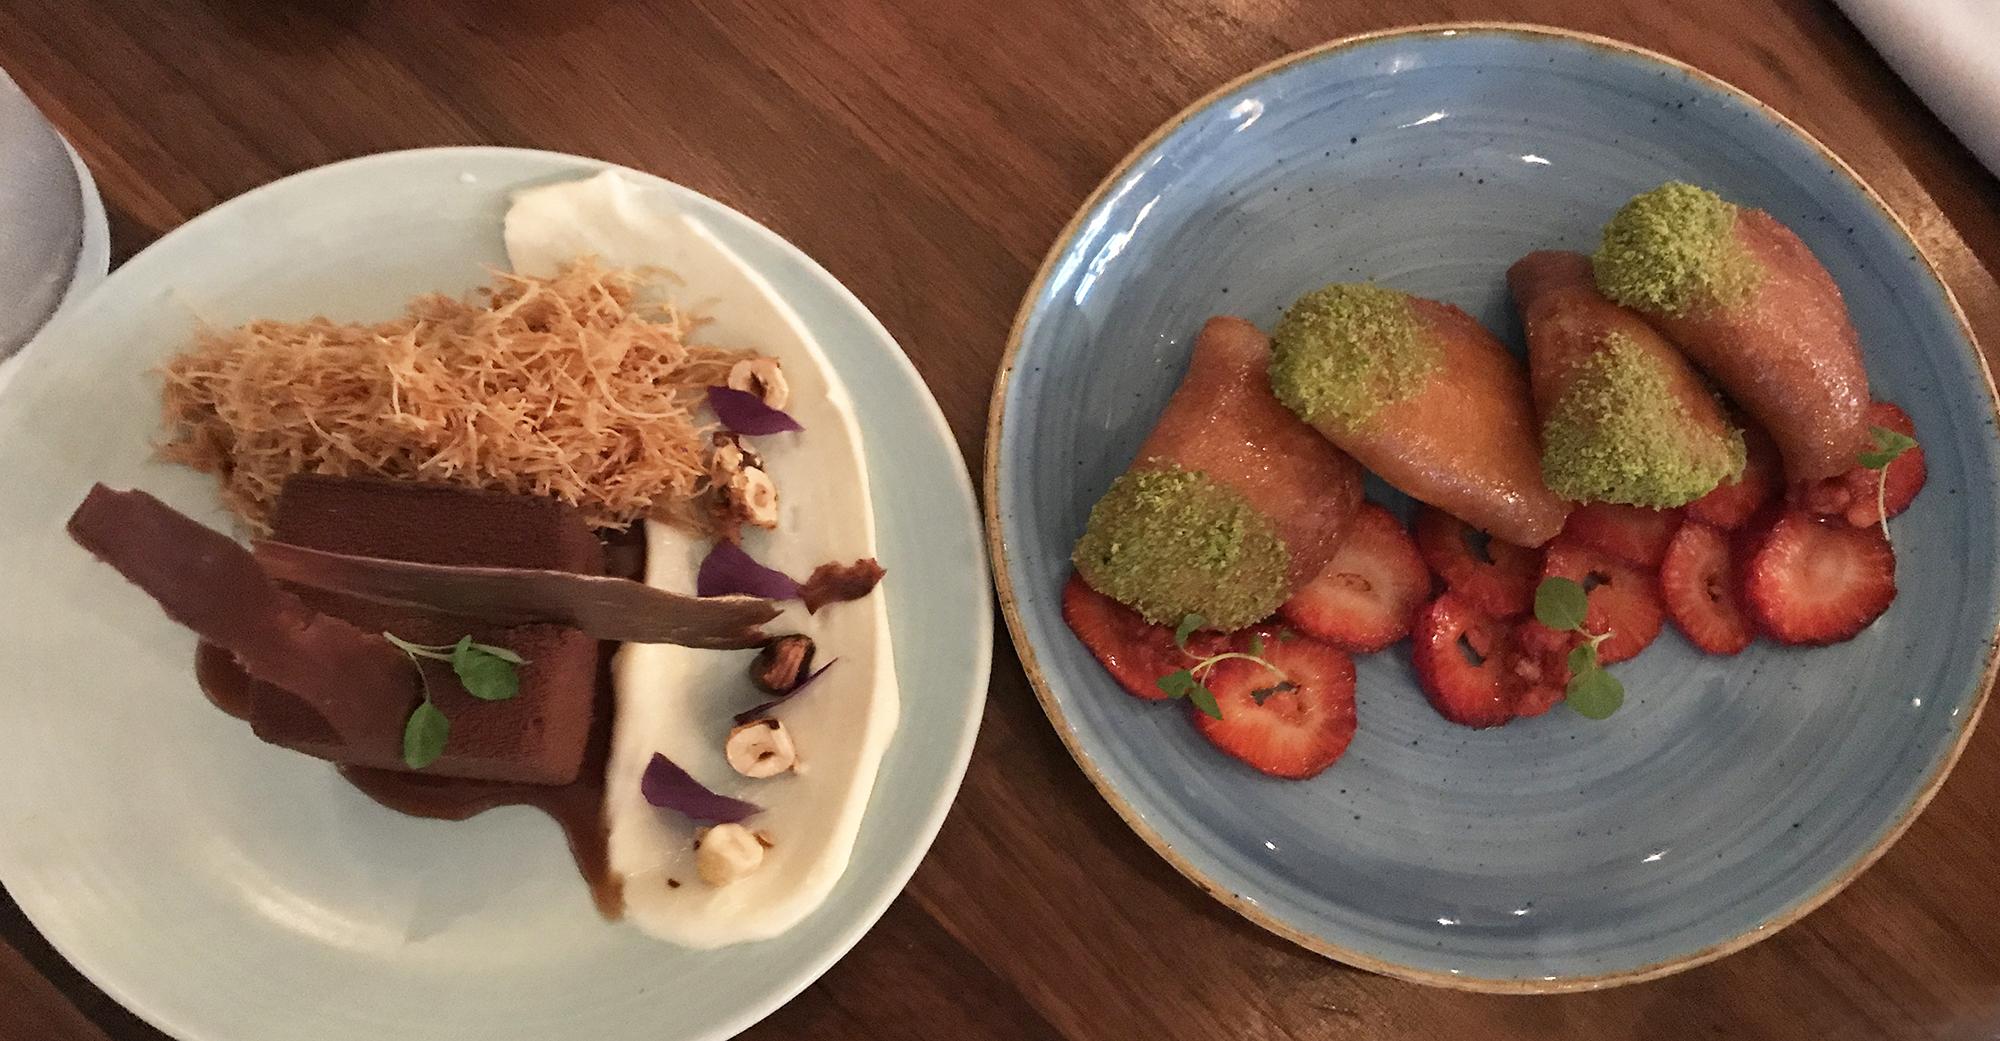 Byblos Hazelnut Chocolate Mousse and Crispy Qatayet